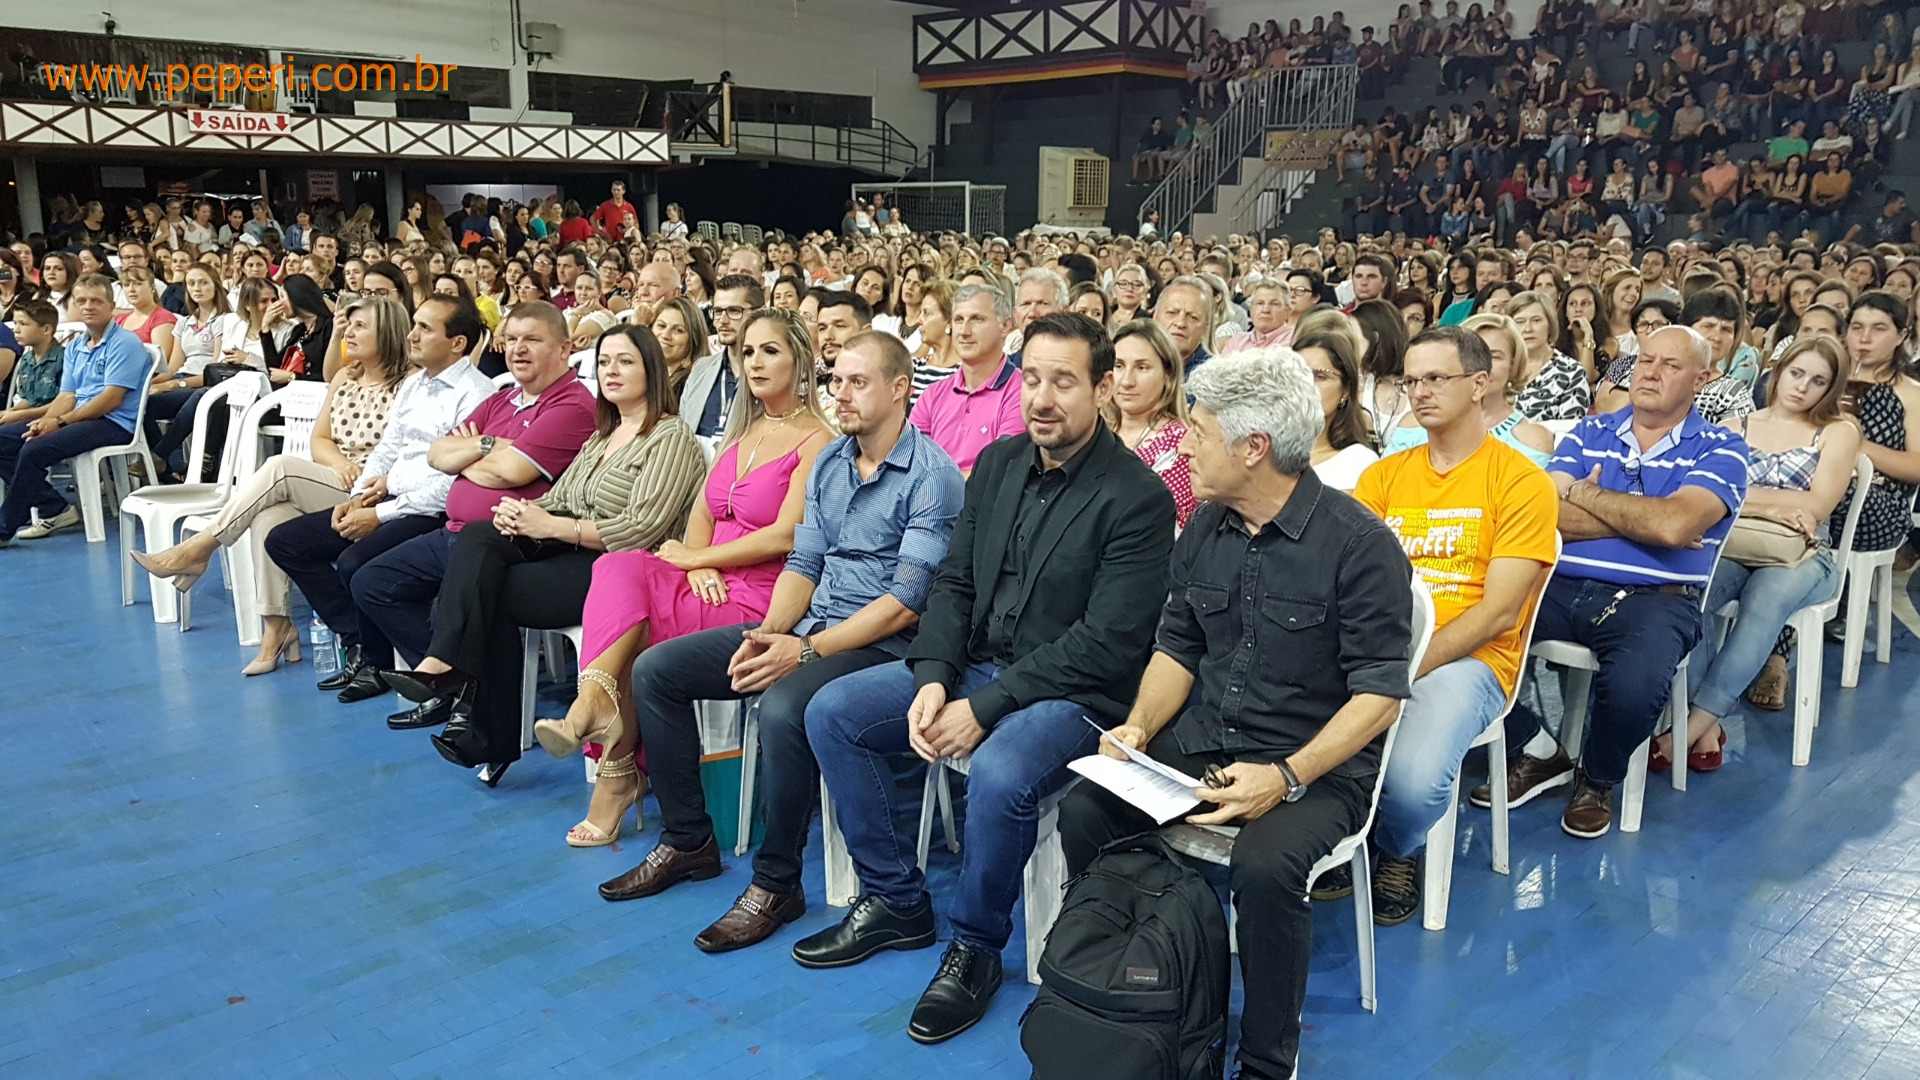 Mais de 1500 pessoas participam de palestra com Caco Barcellos